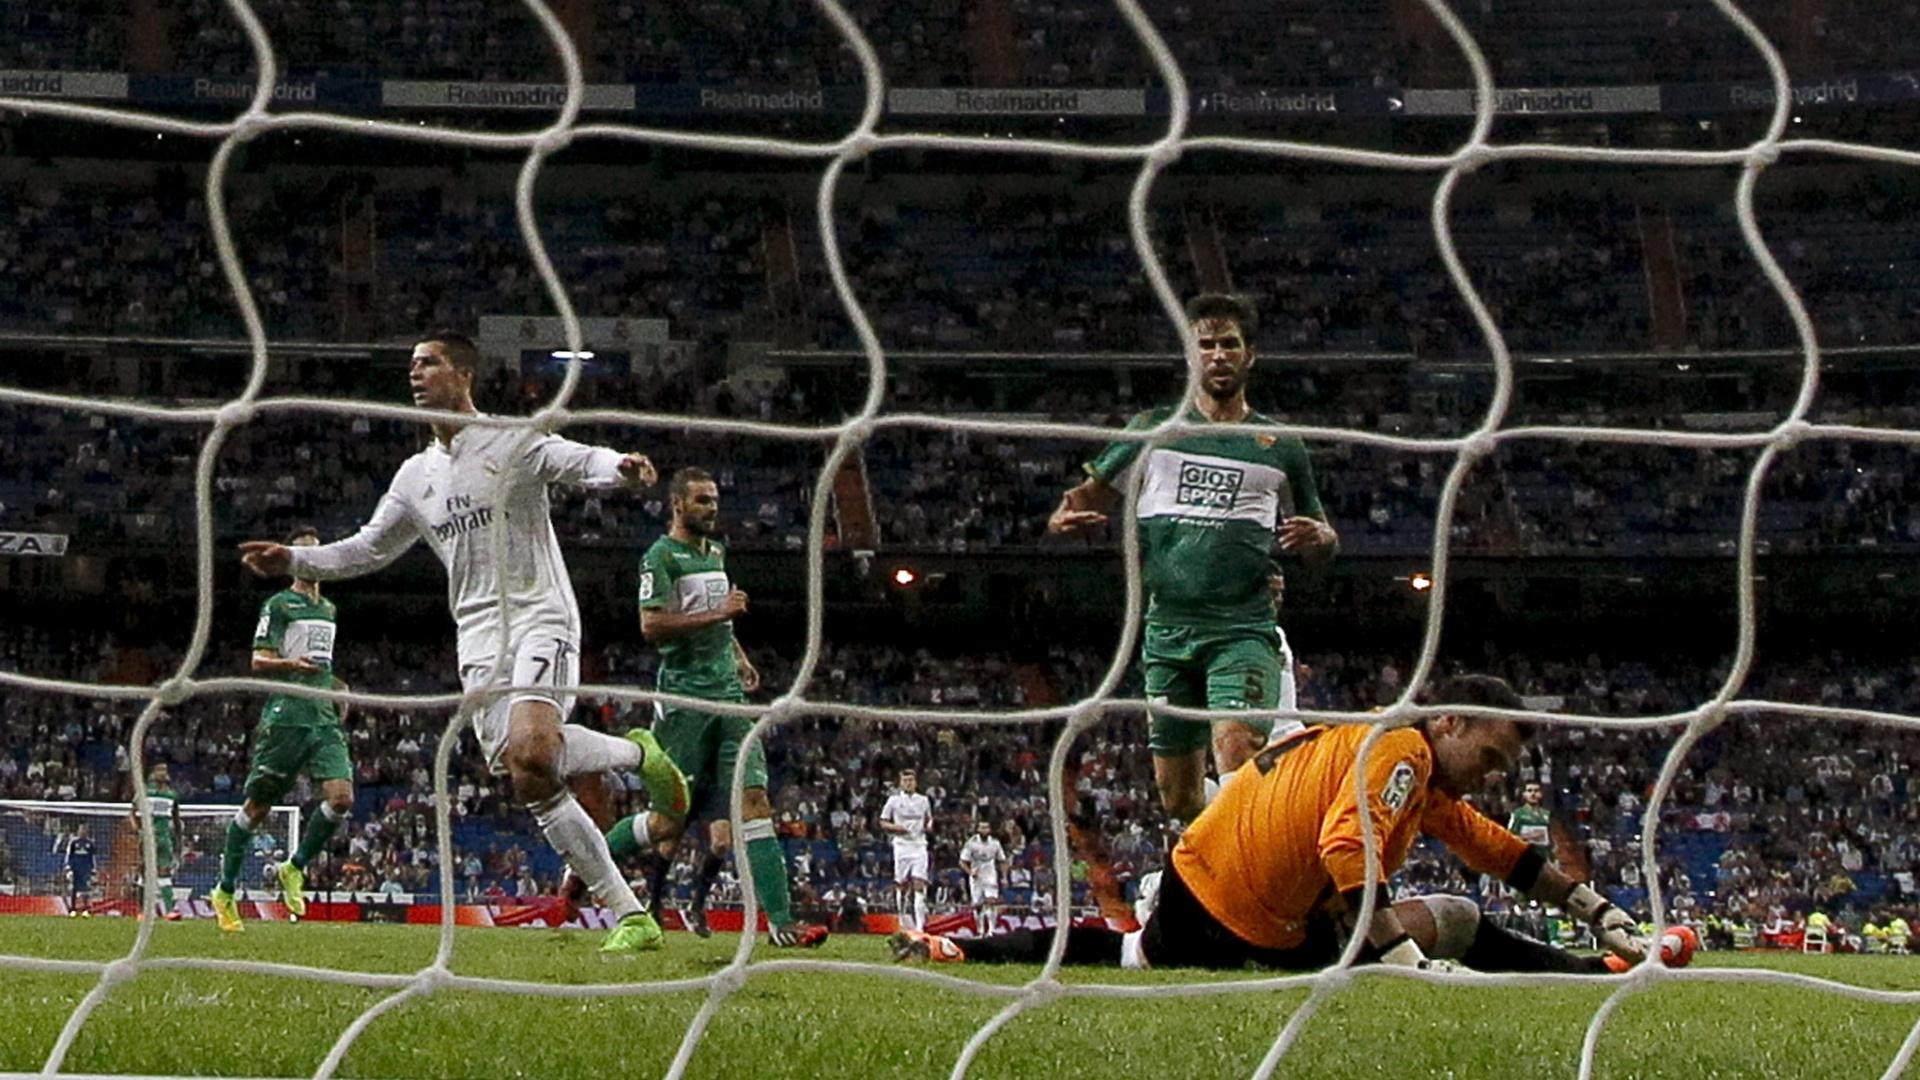 23. set. 2014 - Cristiano Ronaldo marca contra o Elche, pelo Campeonato Espanhol